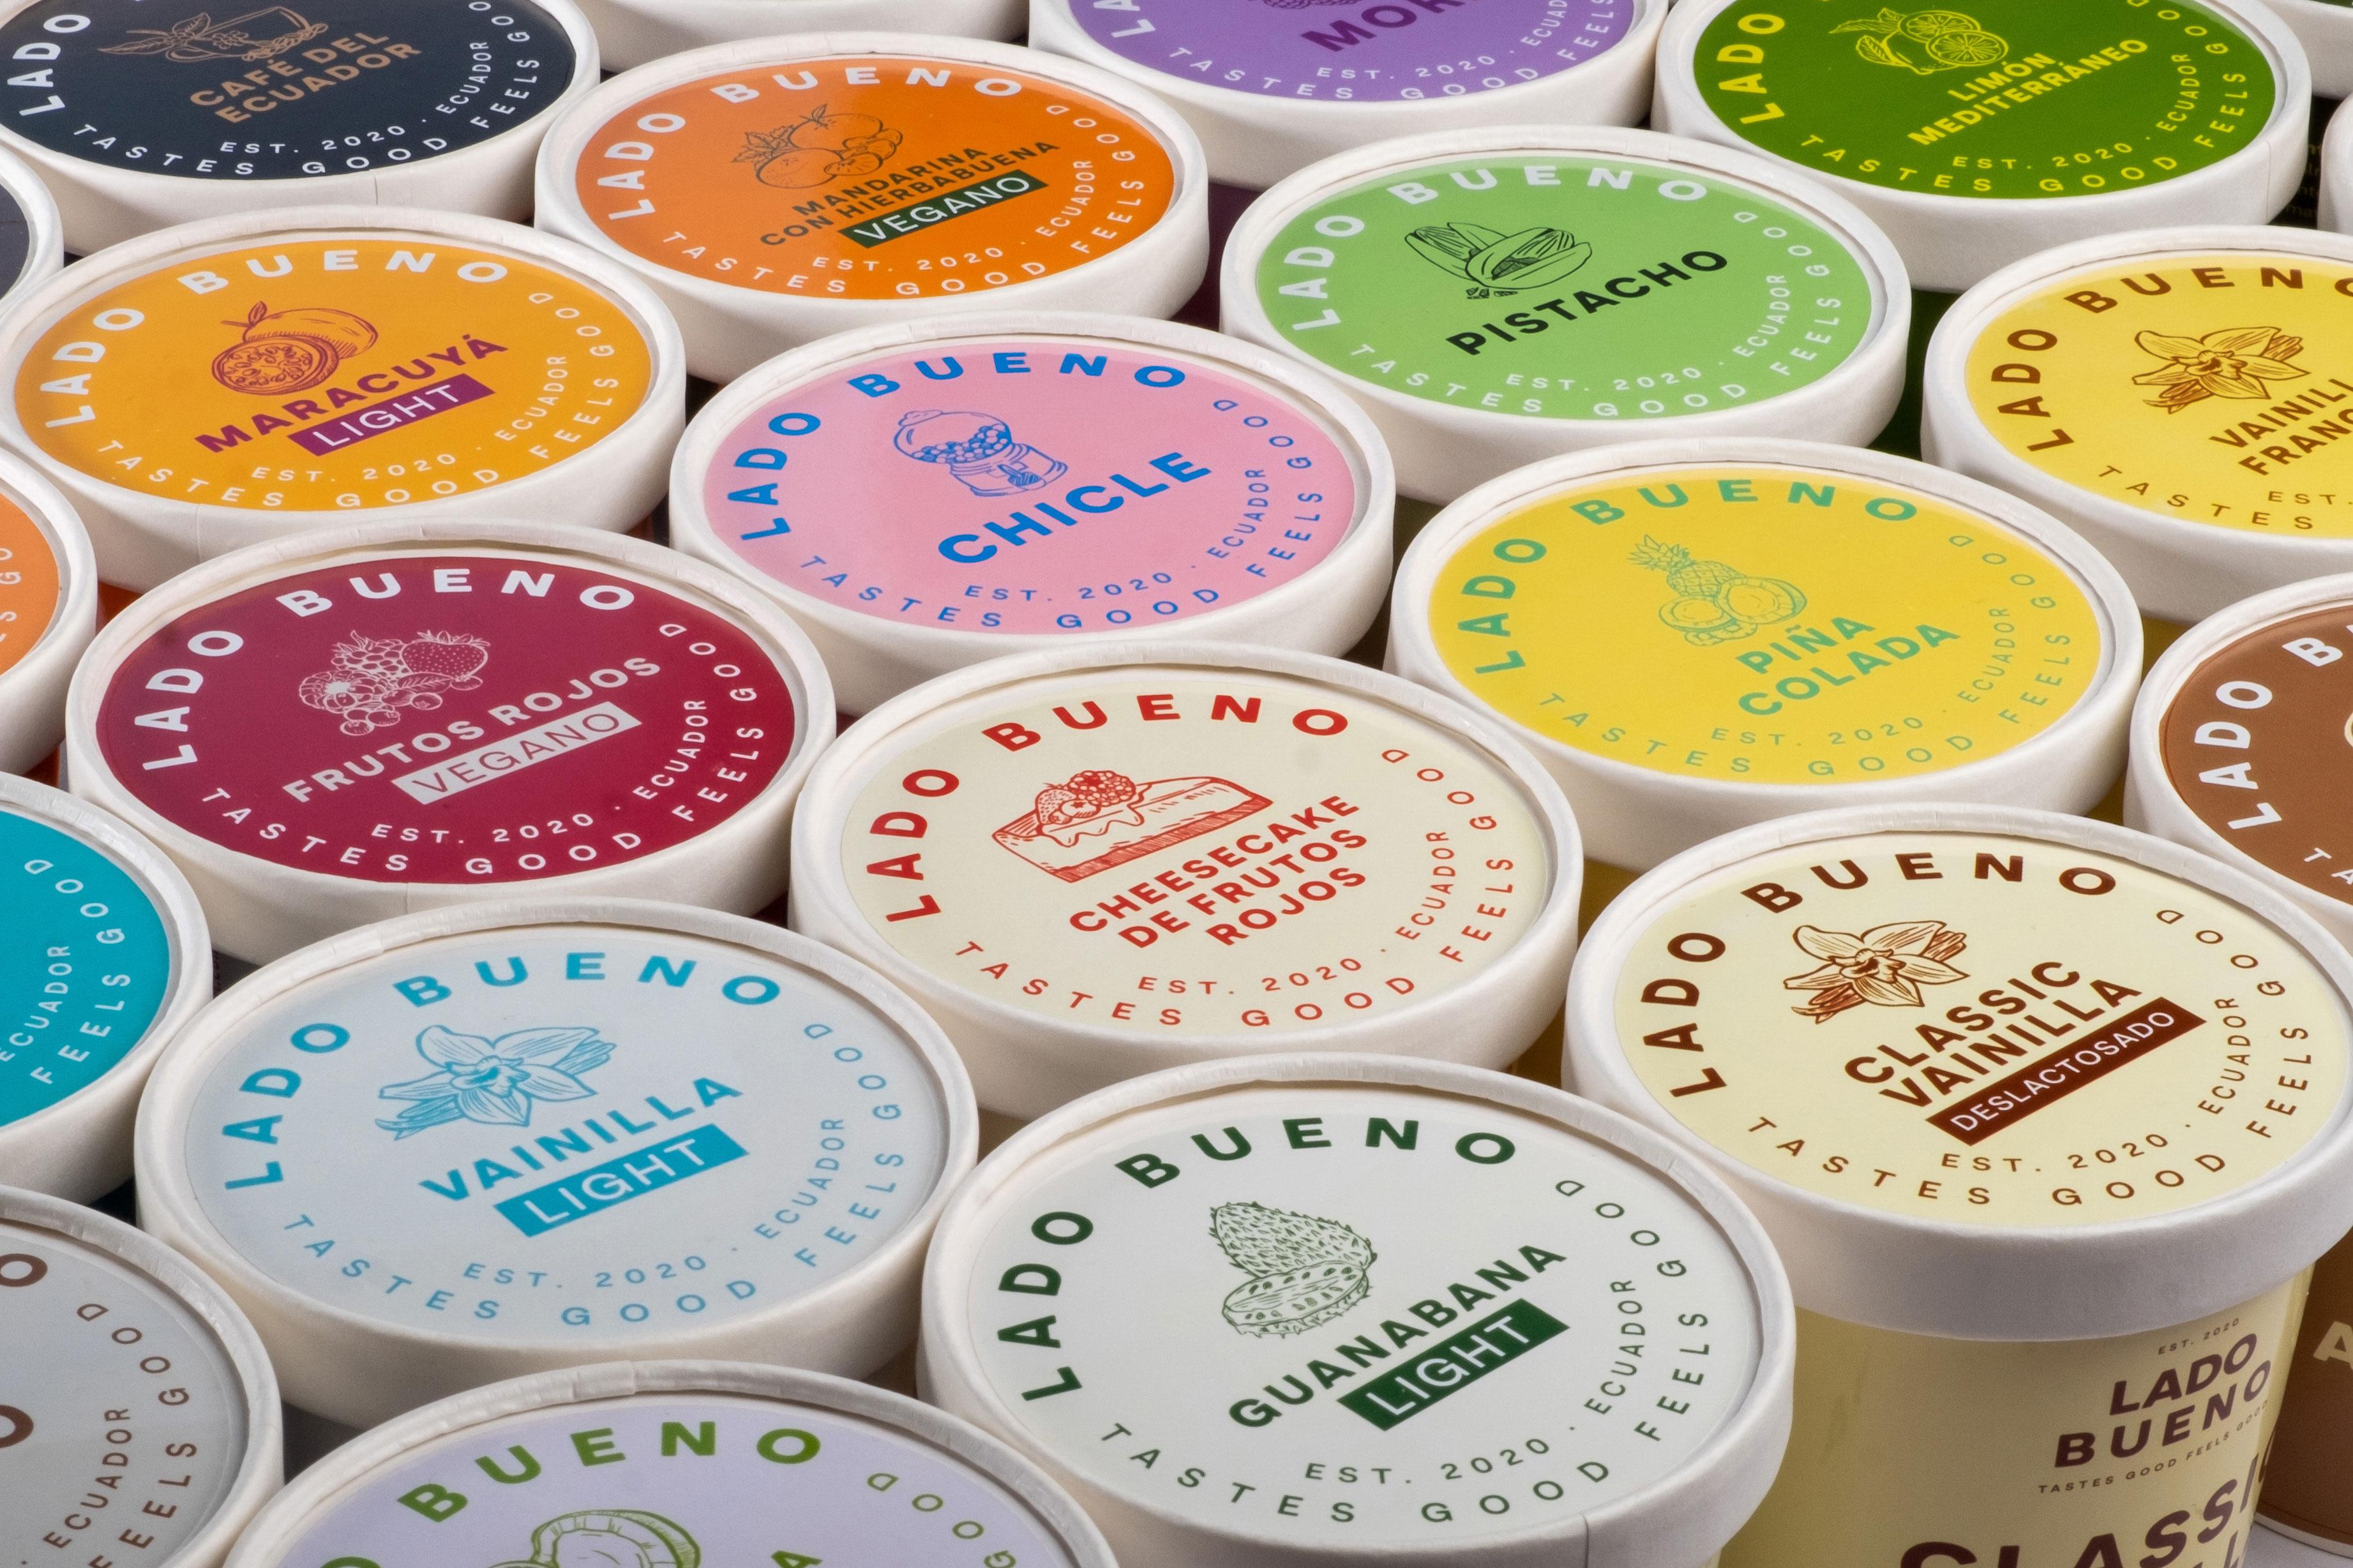 Ecuadorean Premium Artisan Ice Cream Designed by Dabrand